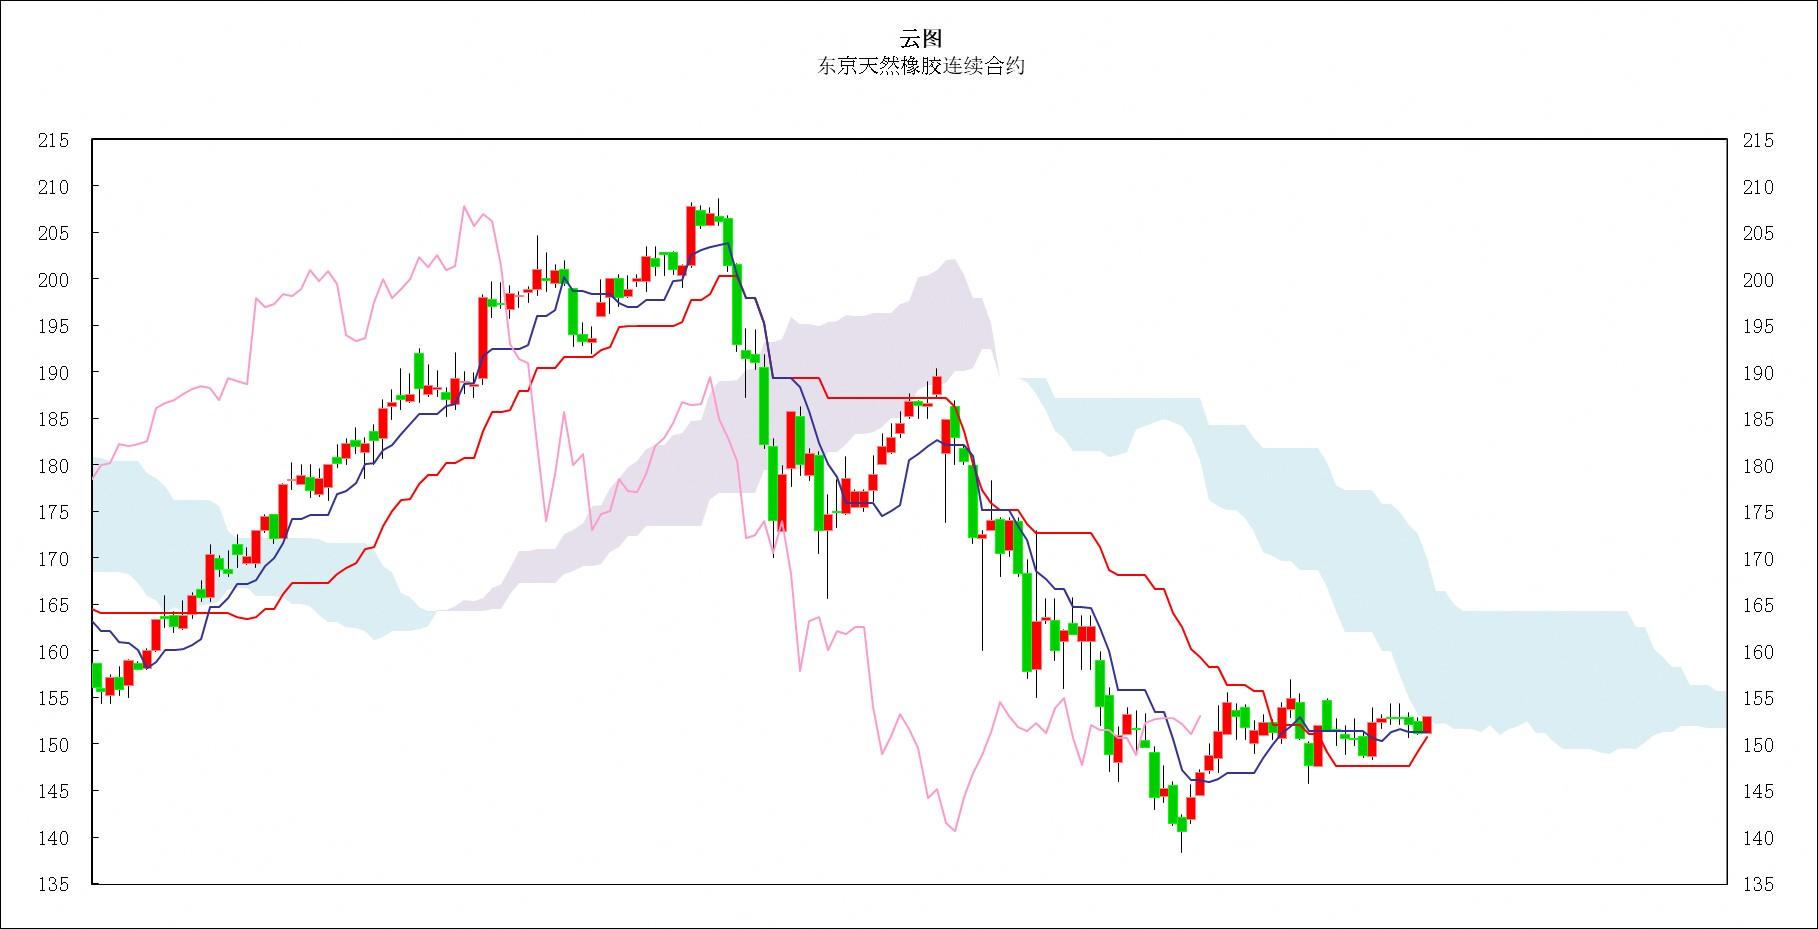 日本商品市场日评:东京黄金连续上涨,橡胶市场小幅反弹